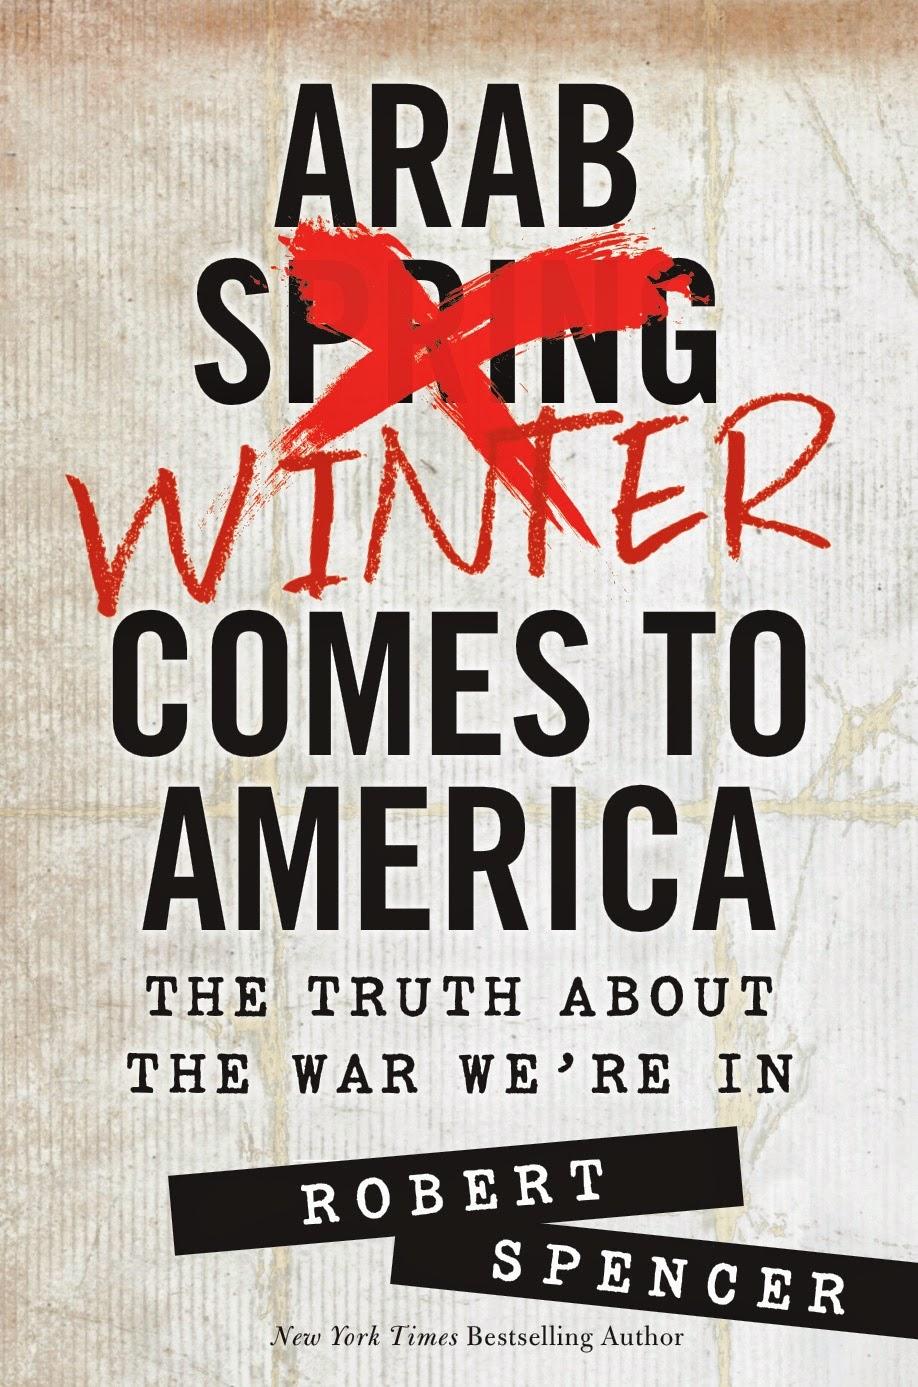 http://www.amazon.com/Arab-Winter-Comes-America-Truth/dp/1621572048/ref=sr_1_1?ie=UTF8&qid=1397495270&sr=8-1&keywords=arab+winter+comes+to+america